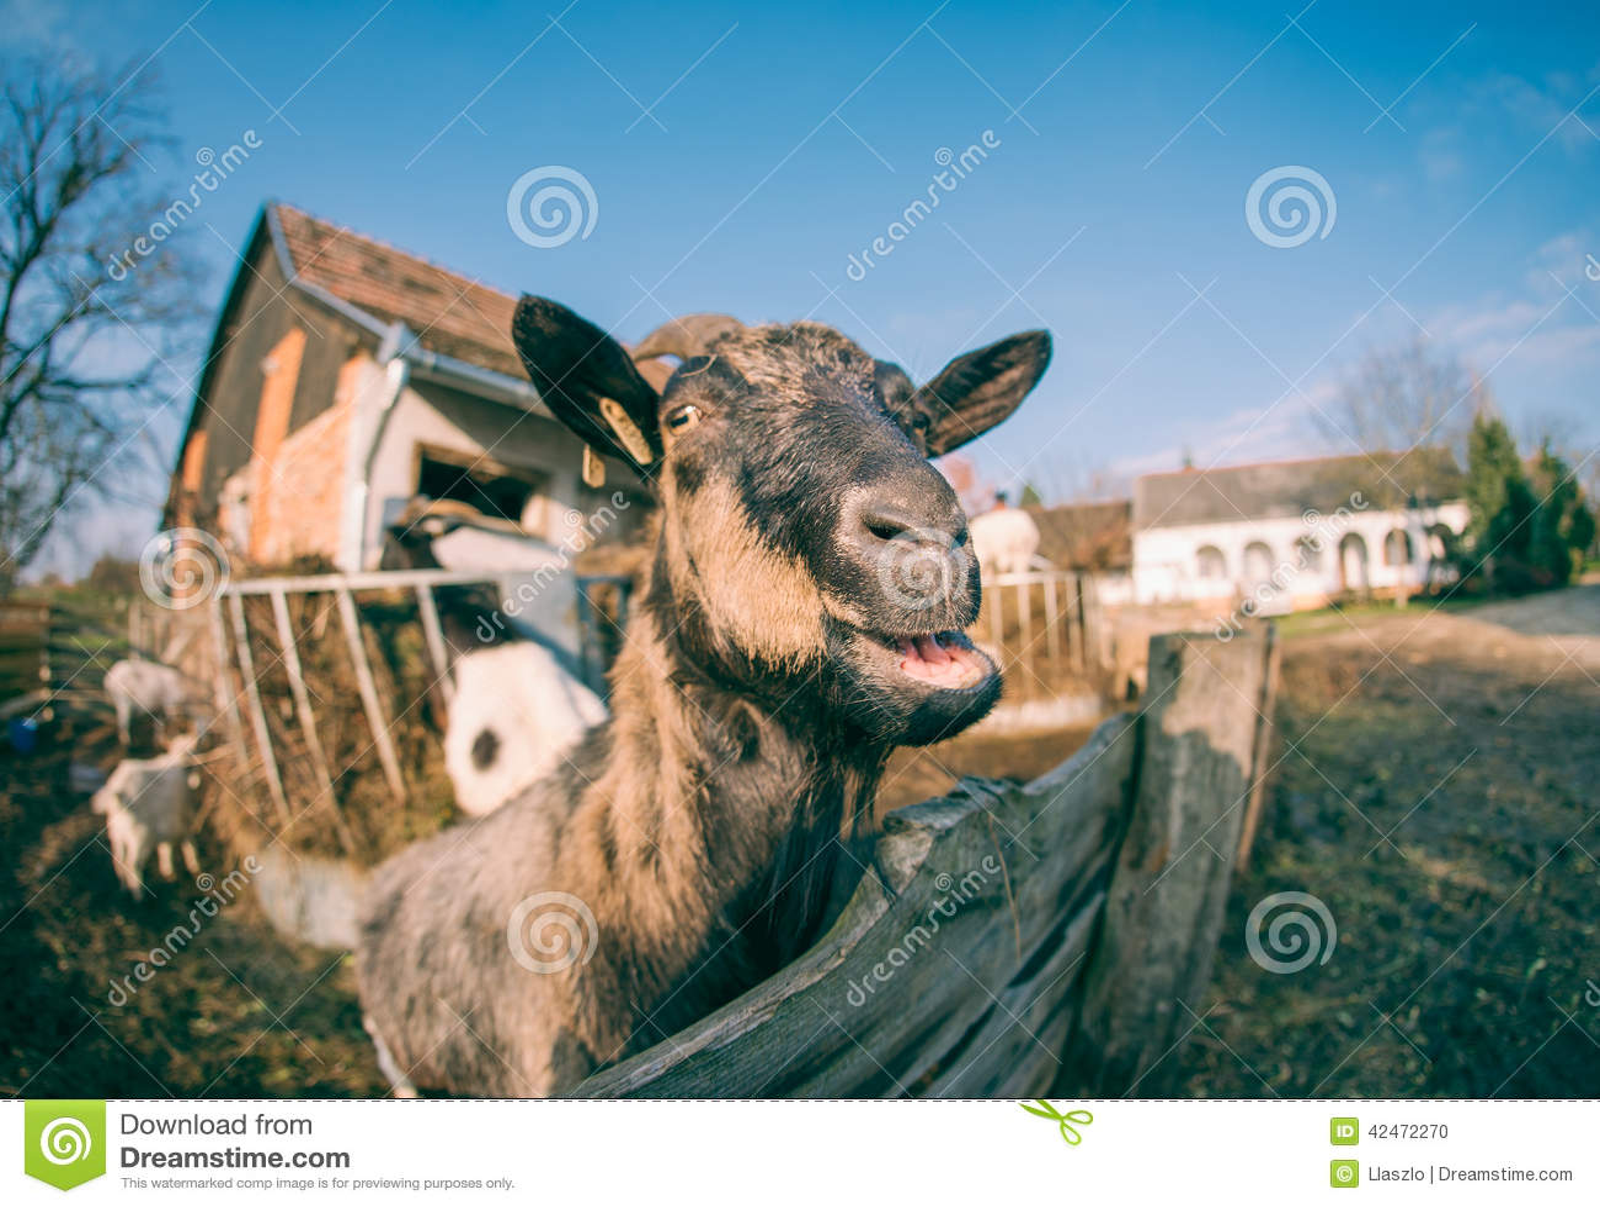 Ziege, die über Zaun schaut